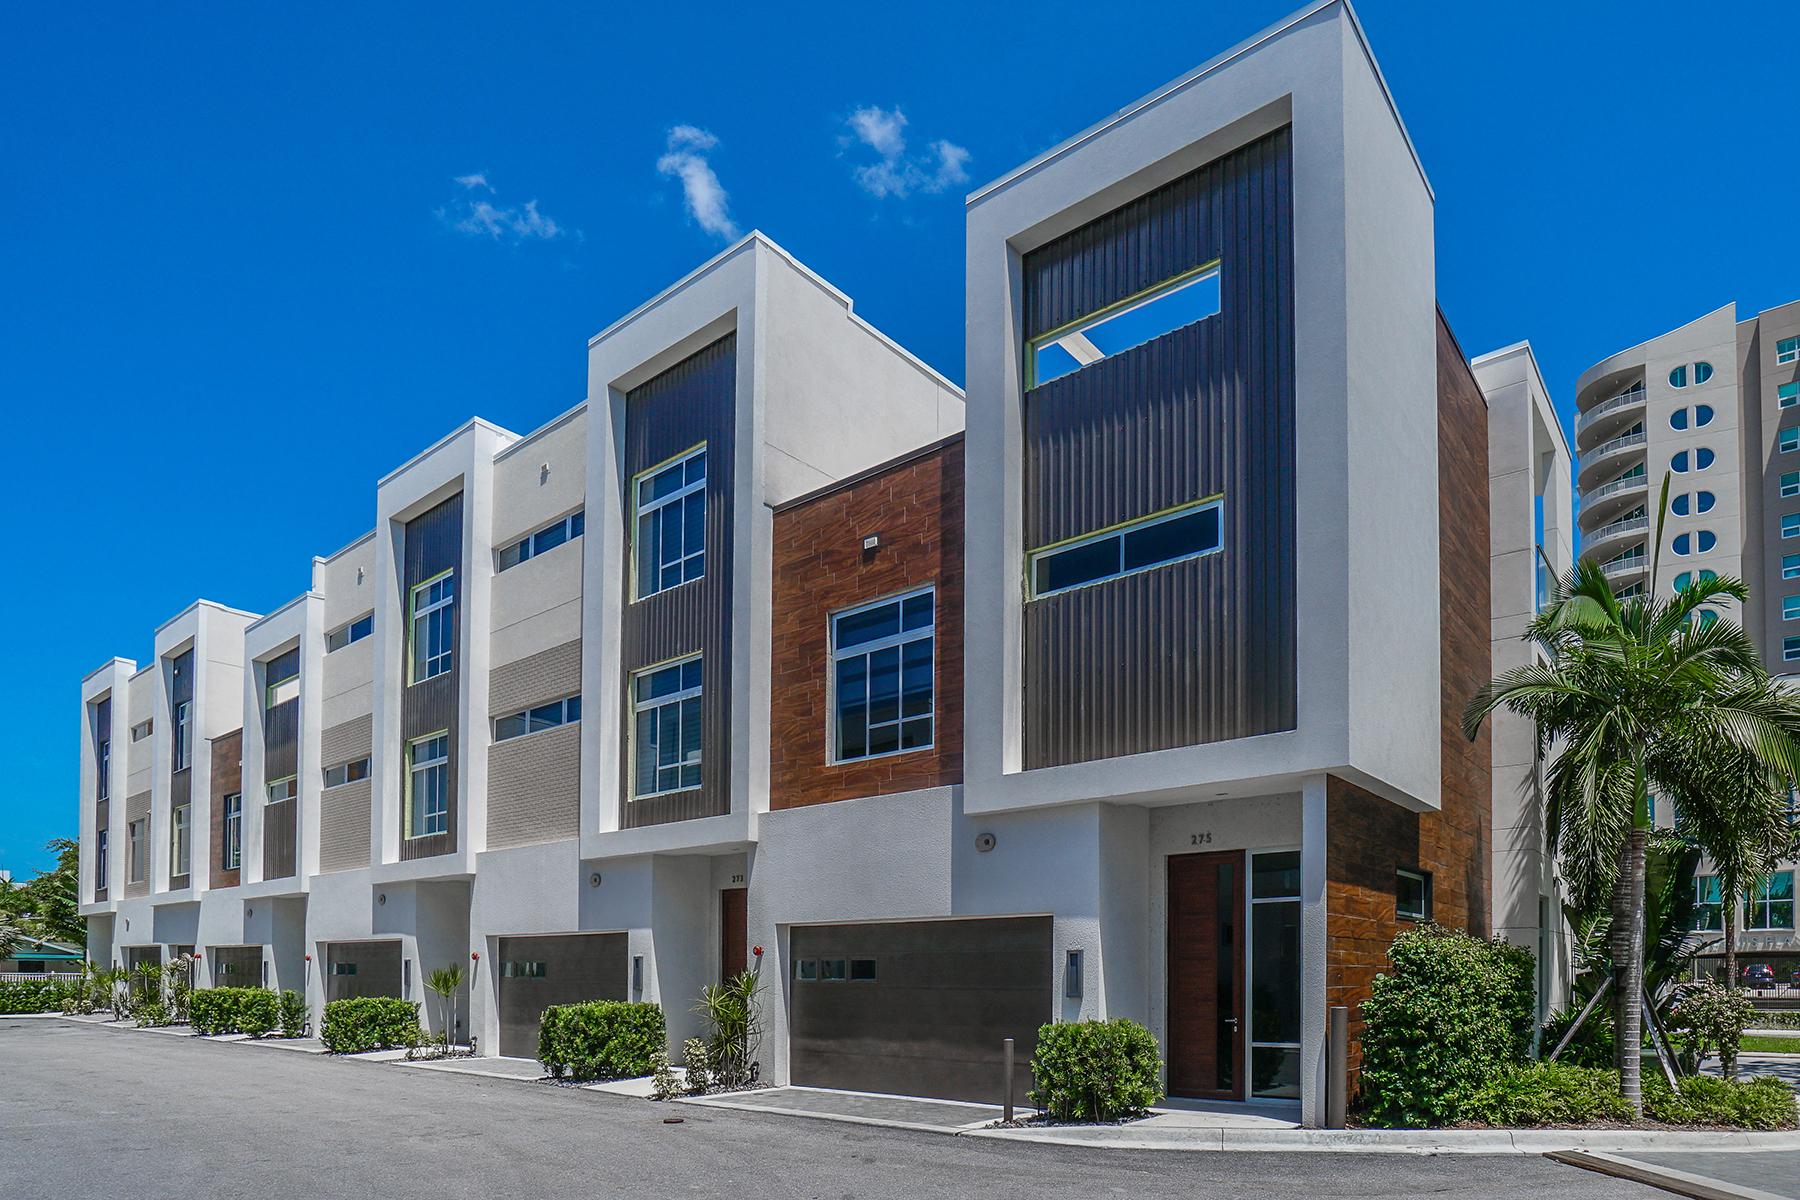 联栋屋 为 销售 在 Q - DOWNTOWN SARASOTA 223 Cosmopolitan Ct 萨拉索塔, 佛罗里达州, 34236 美国